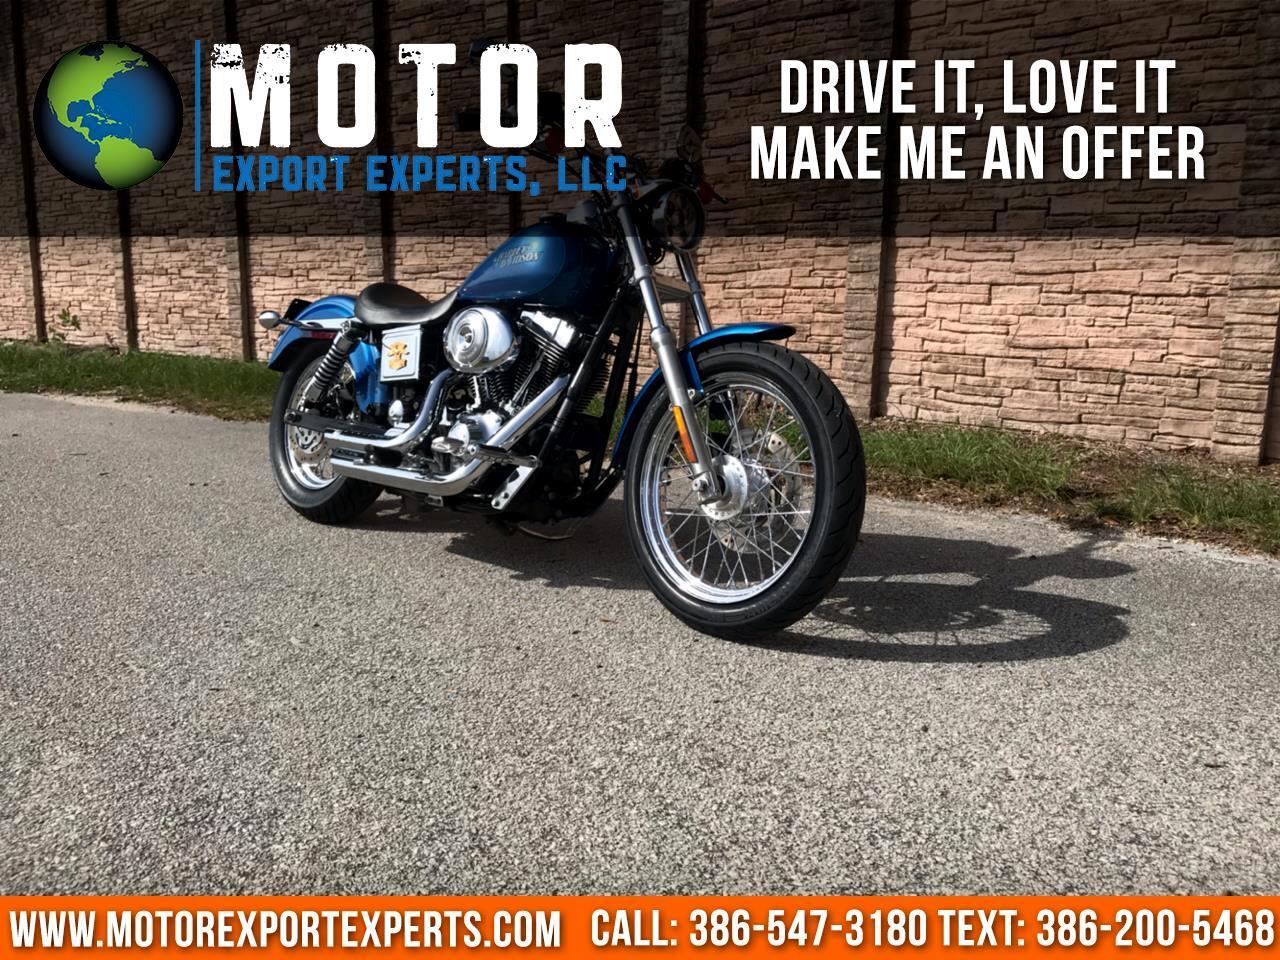 2005 Harley-Davidson FXDL DYNA LOW RIDER FXDL